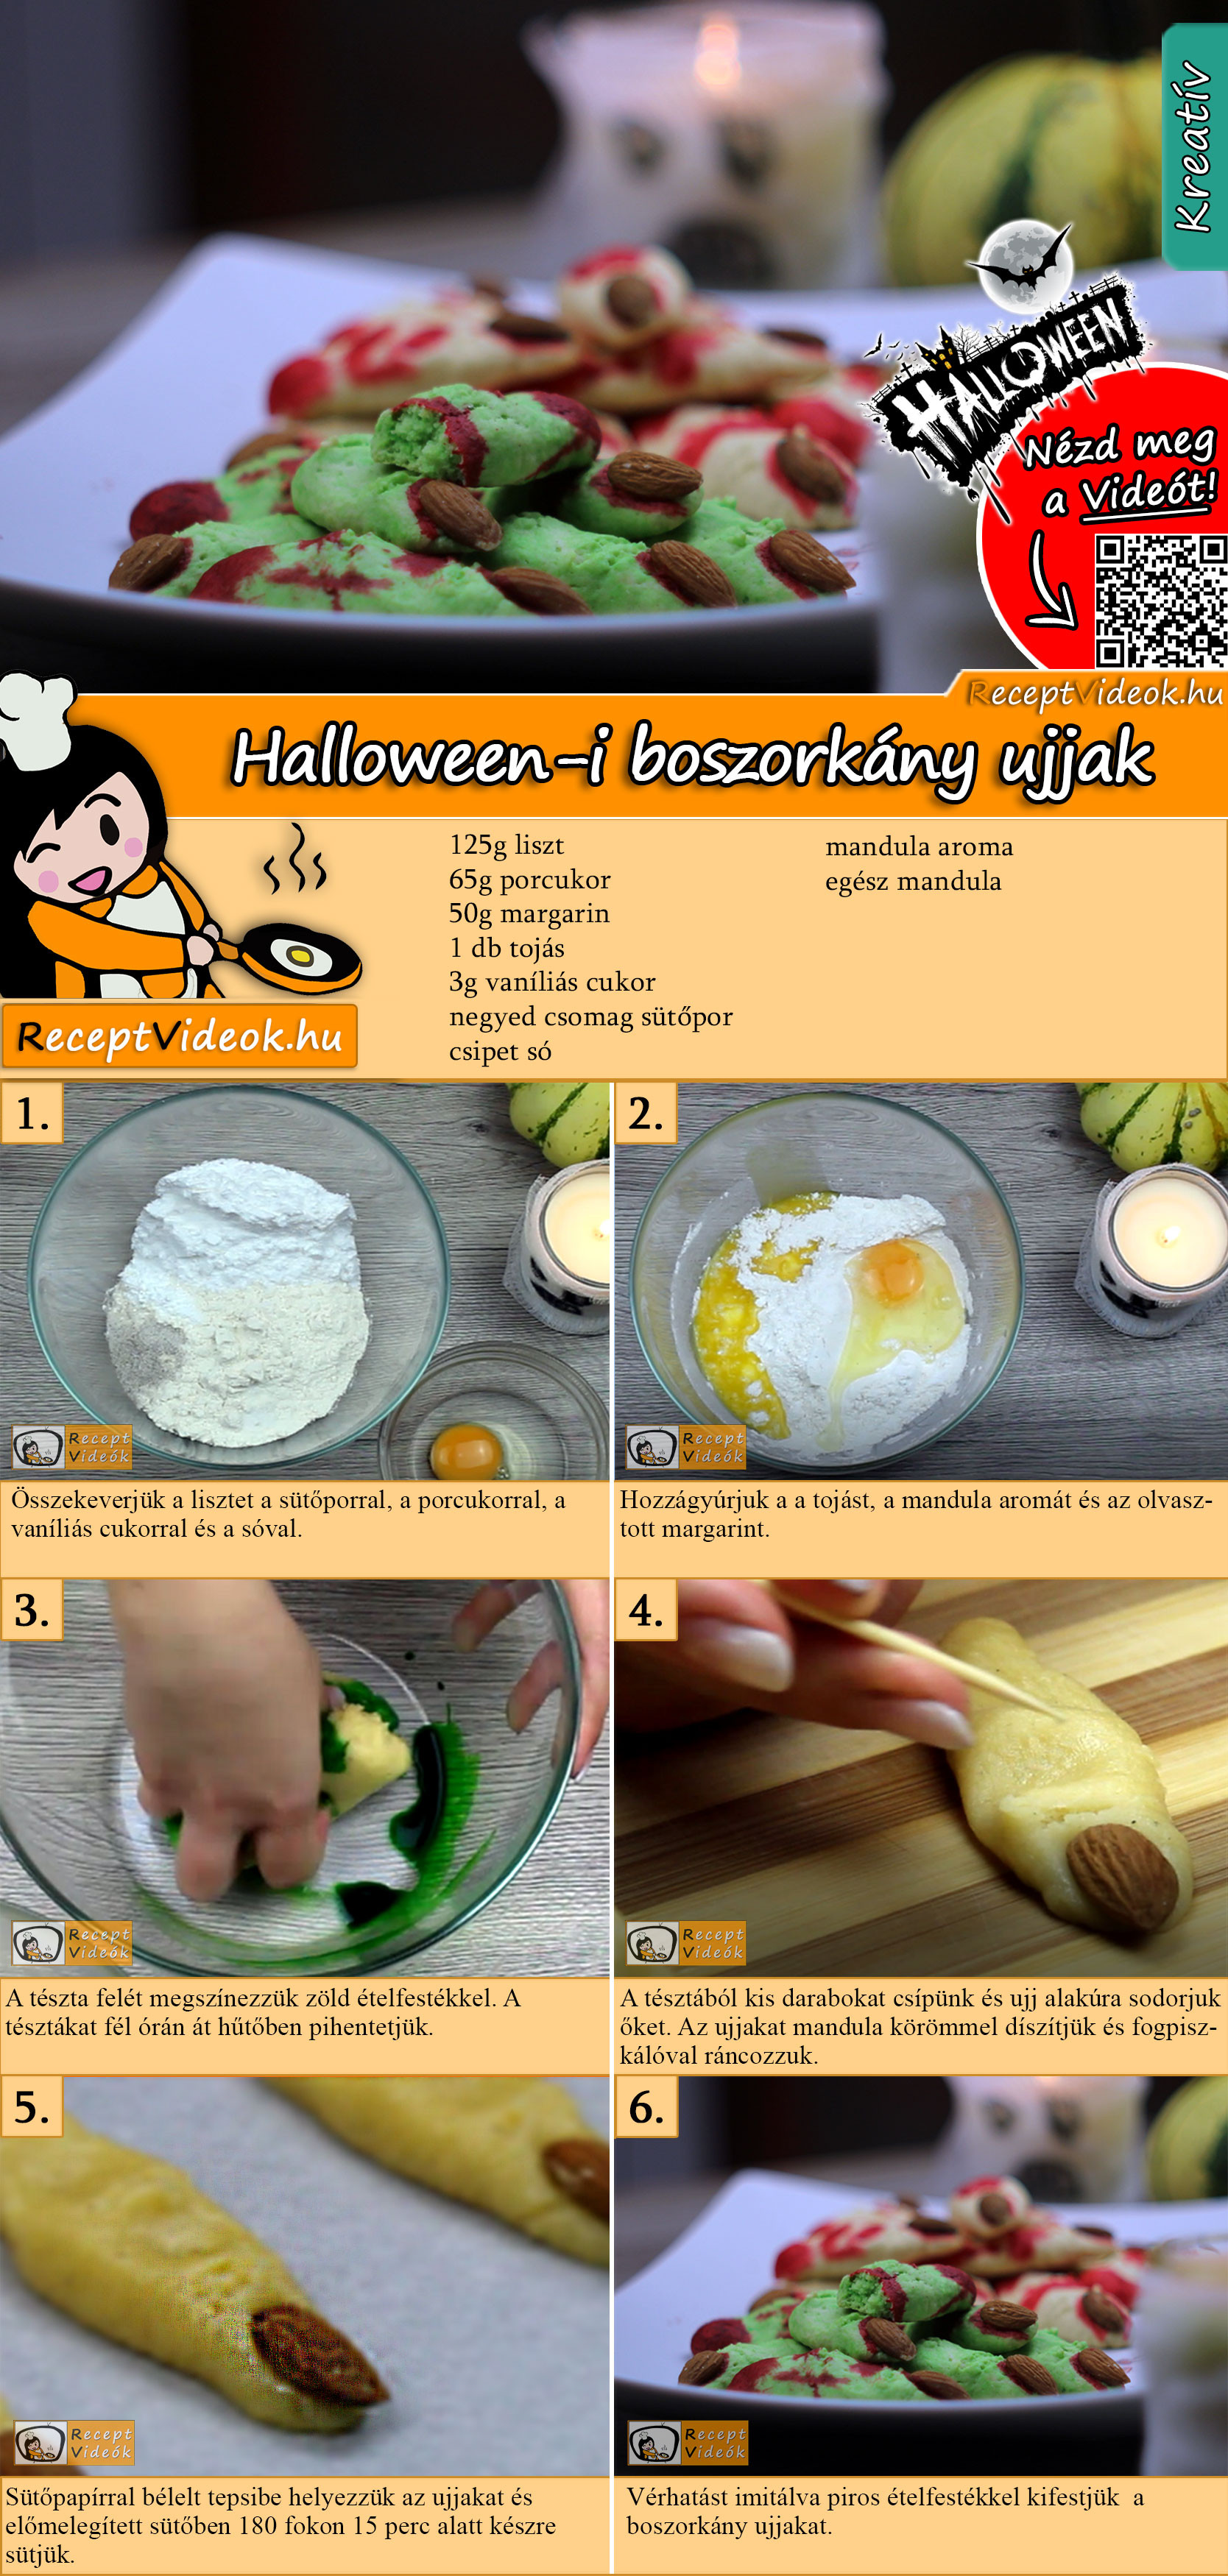 Halloween-i boszorkány ujjak recept elkészítése videóval